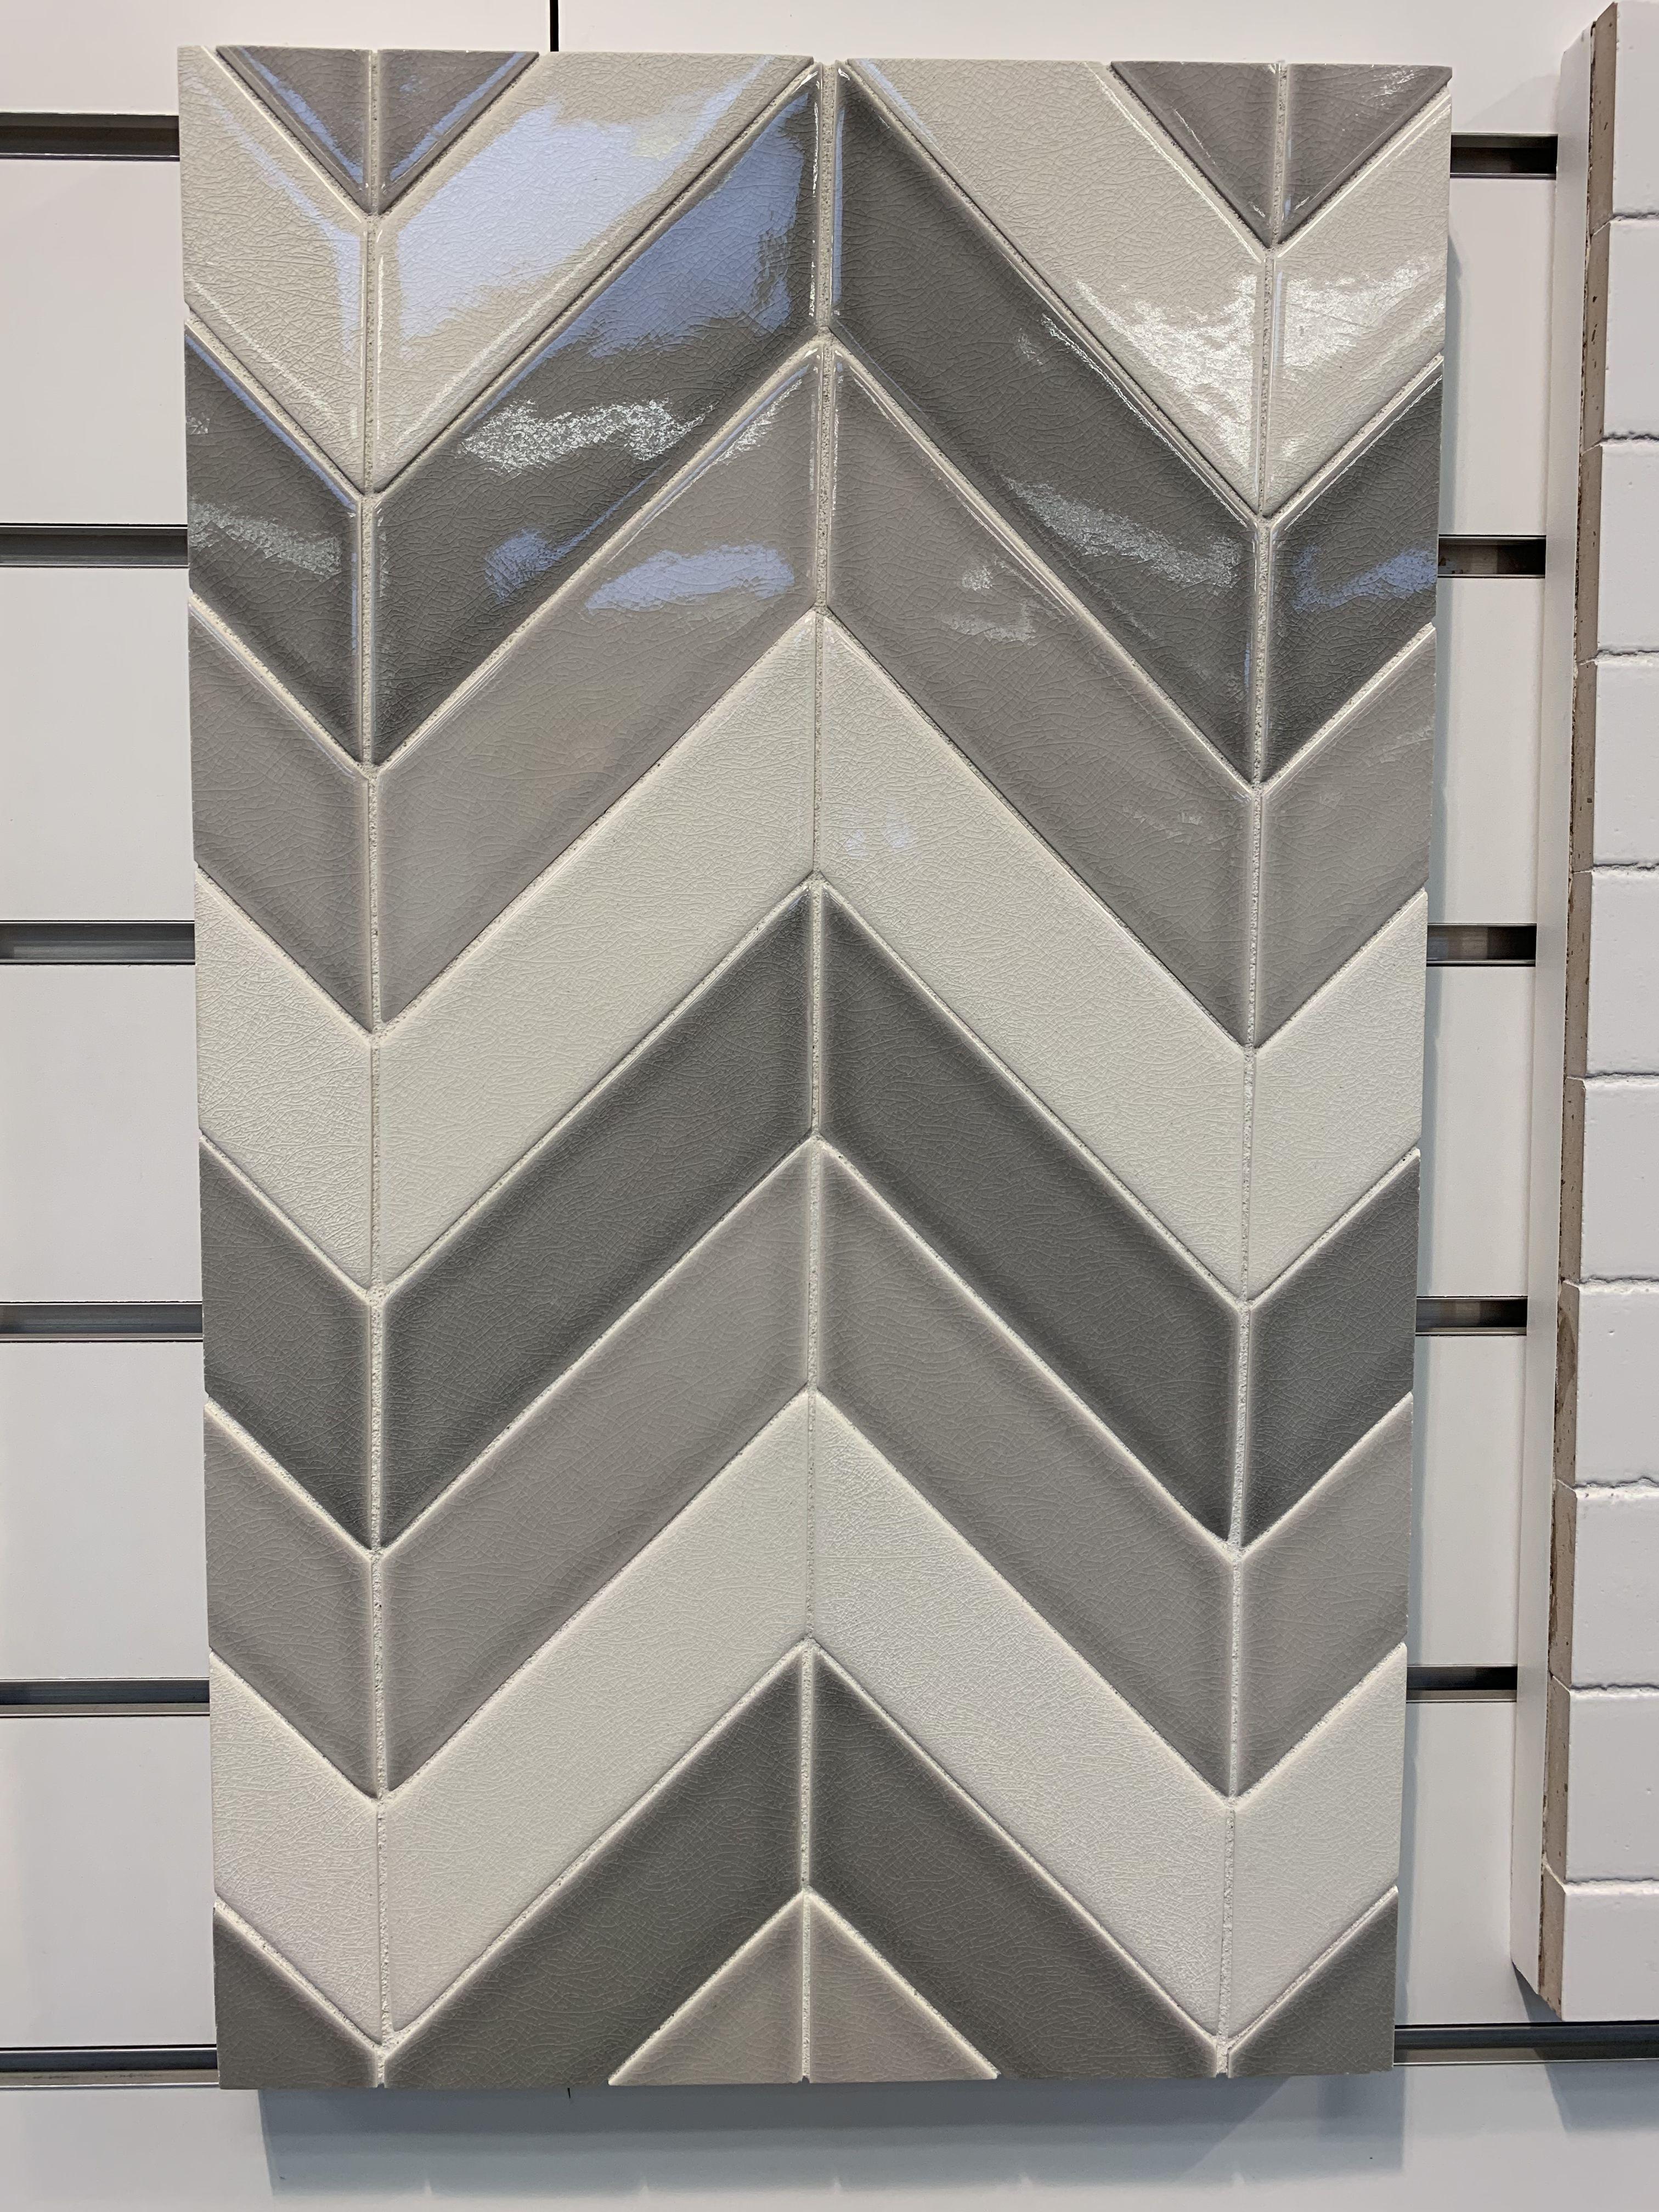 Sonoma Chevron Handmade Tile Handmade Tiles Tiles Handmade